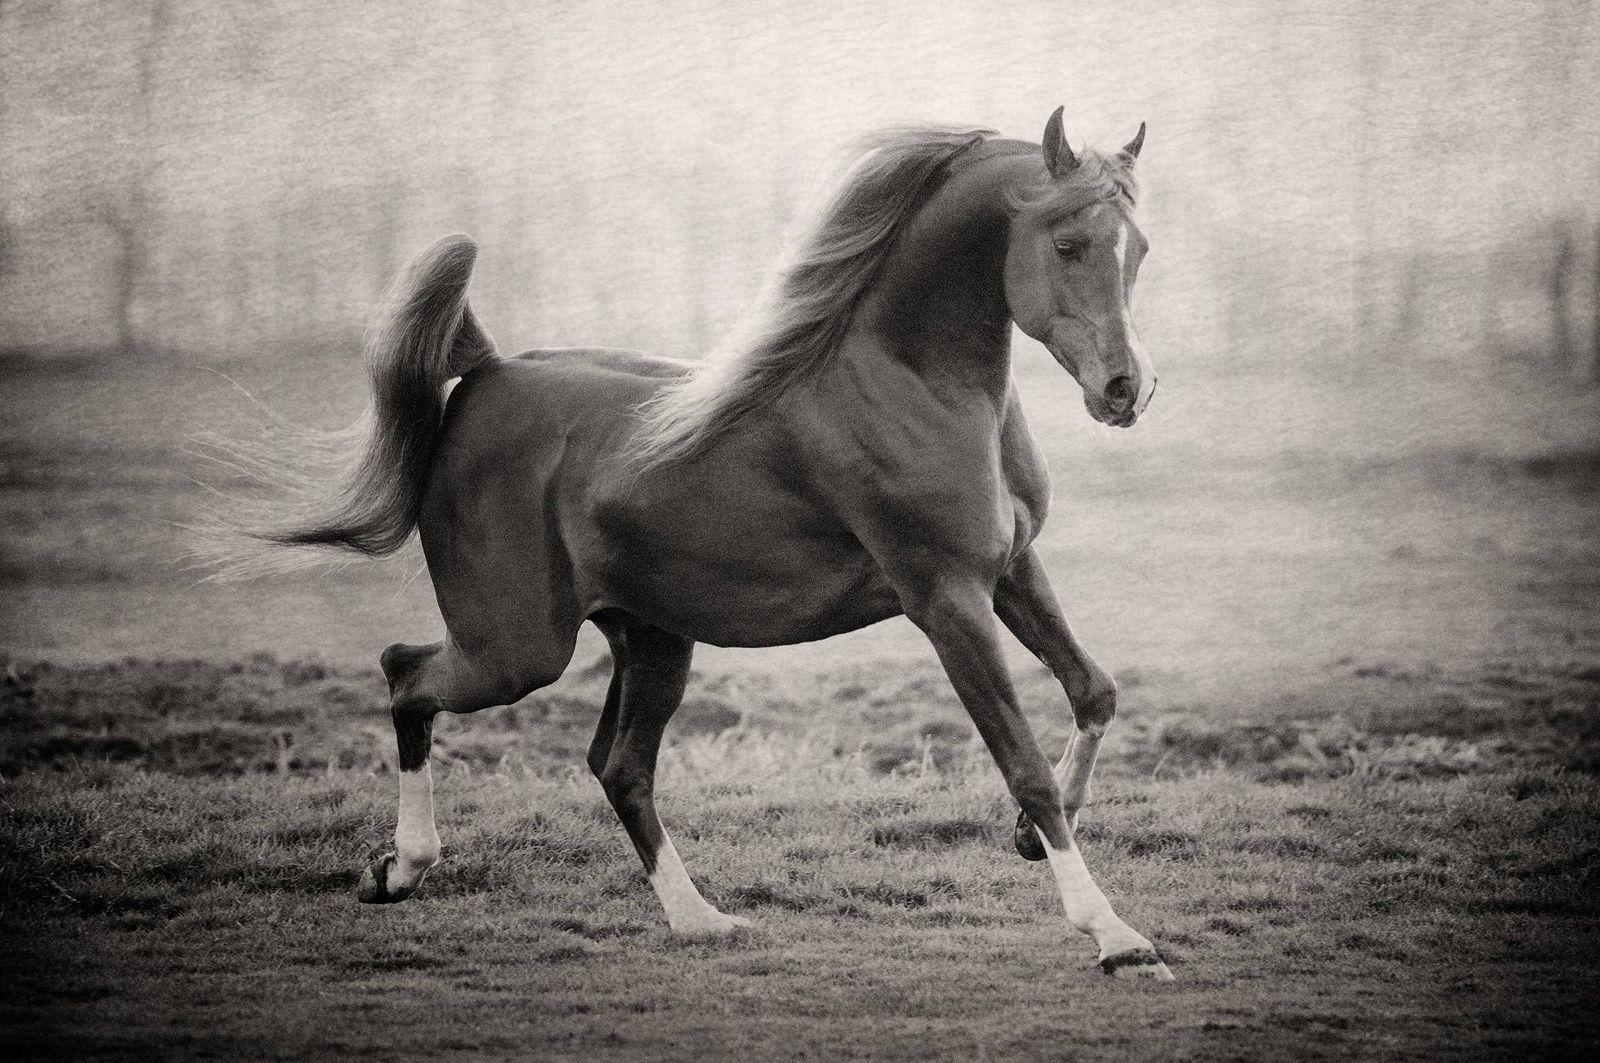 Fotografie arabian horses_robertpeekfotografie